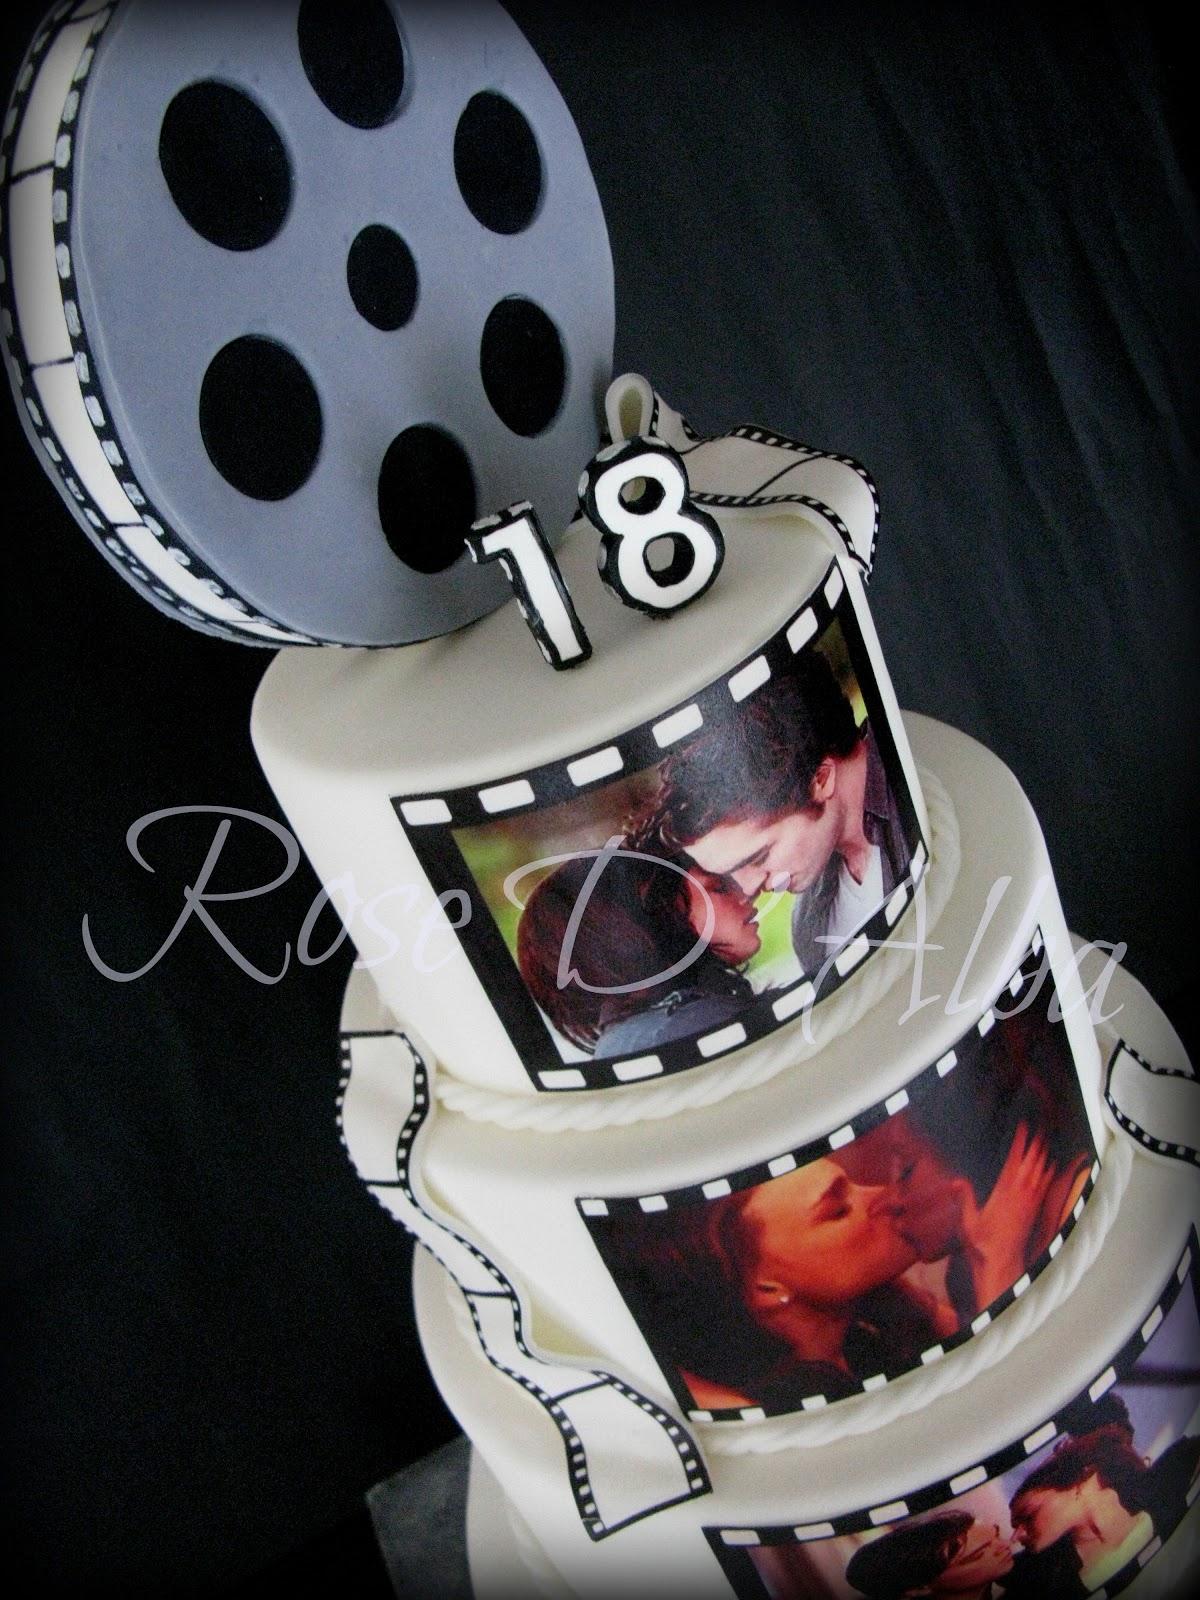 Rose d 39 alba cake designer i 18 anni di sebastian una for Piani di progettazione domestica con foto